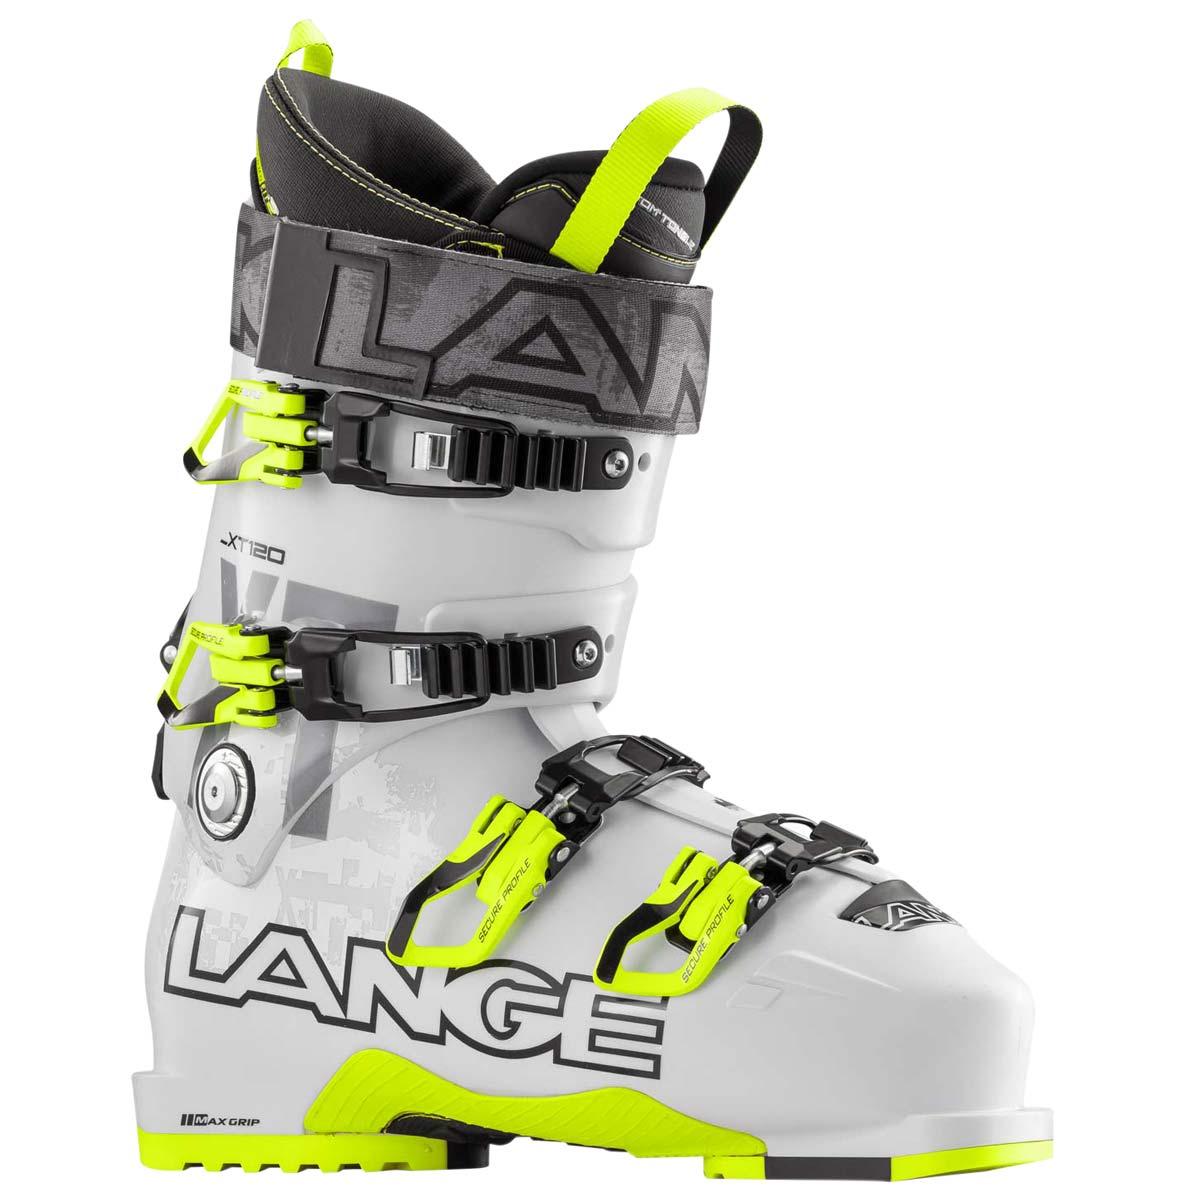 Lange Xt 130 Ski Boots On Sale Powder7 Ski Shop